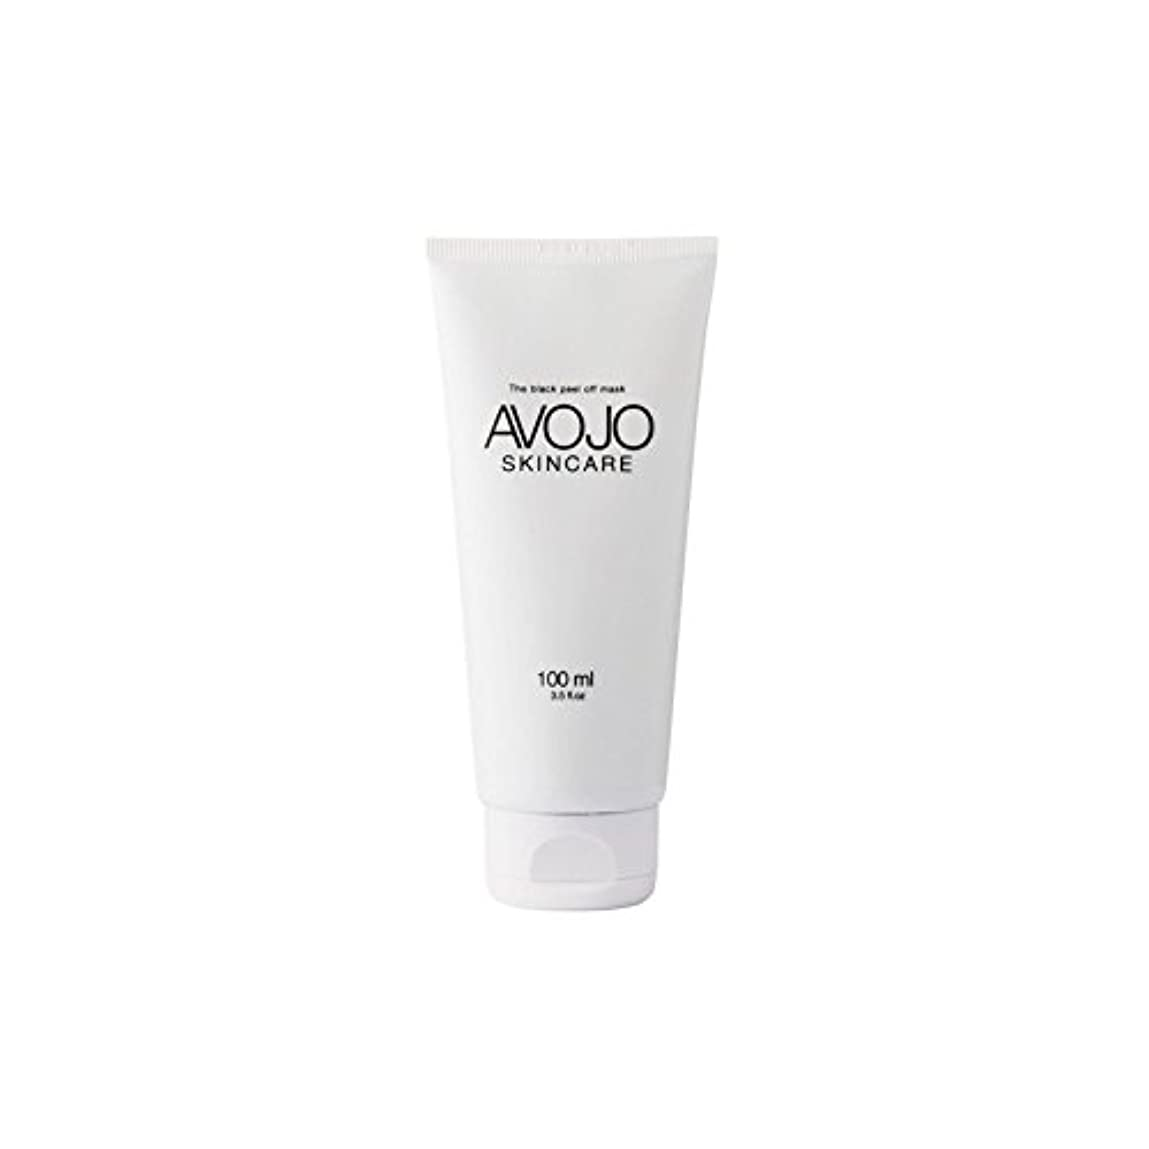 秘書かけがえのない集めるAvojo - The Black Peel Off Mask - (Bottle 100ml) (Pack of 6) - - 黒皮オフマスク - (ボトル100ミリリットル) x6 [並行輸入品]